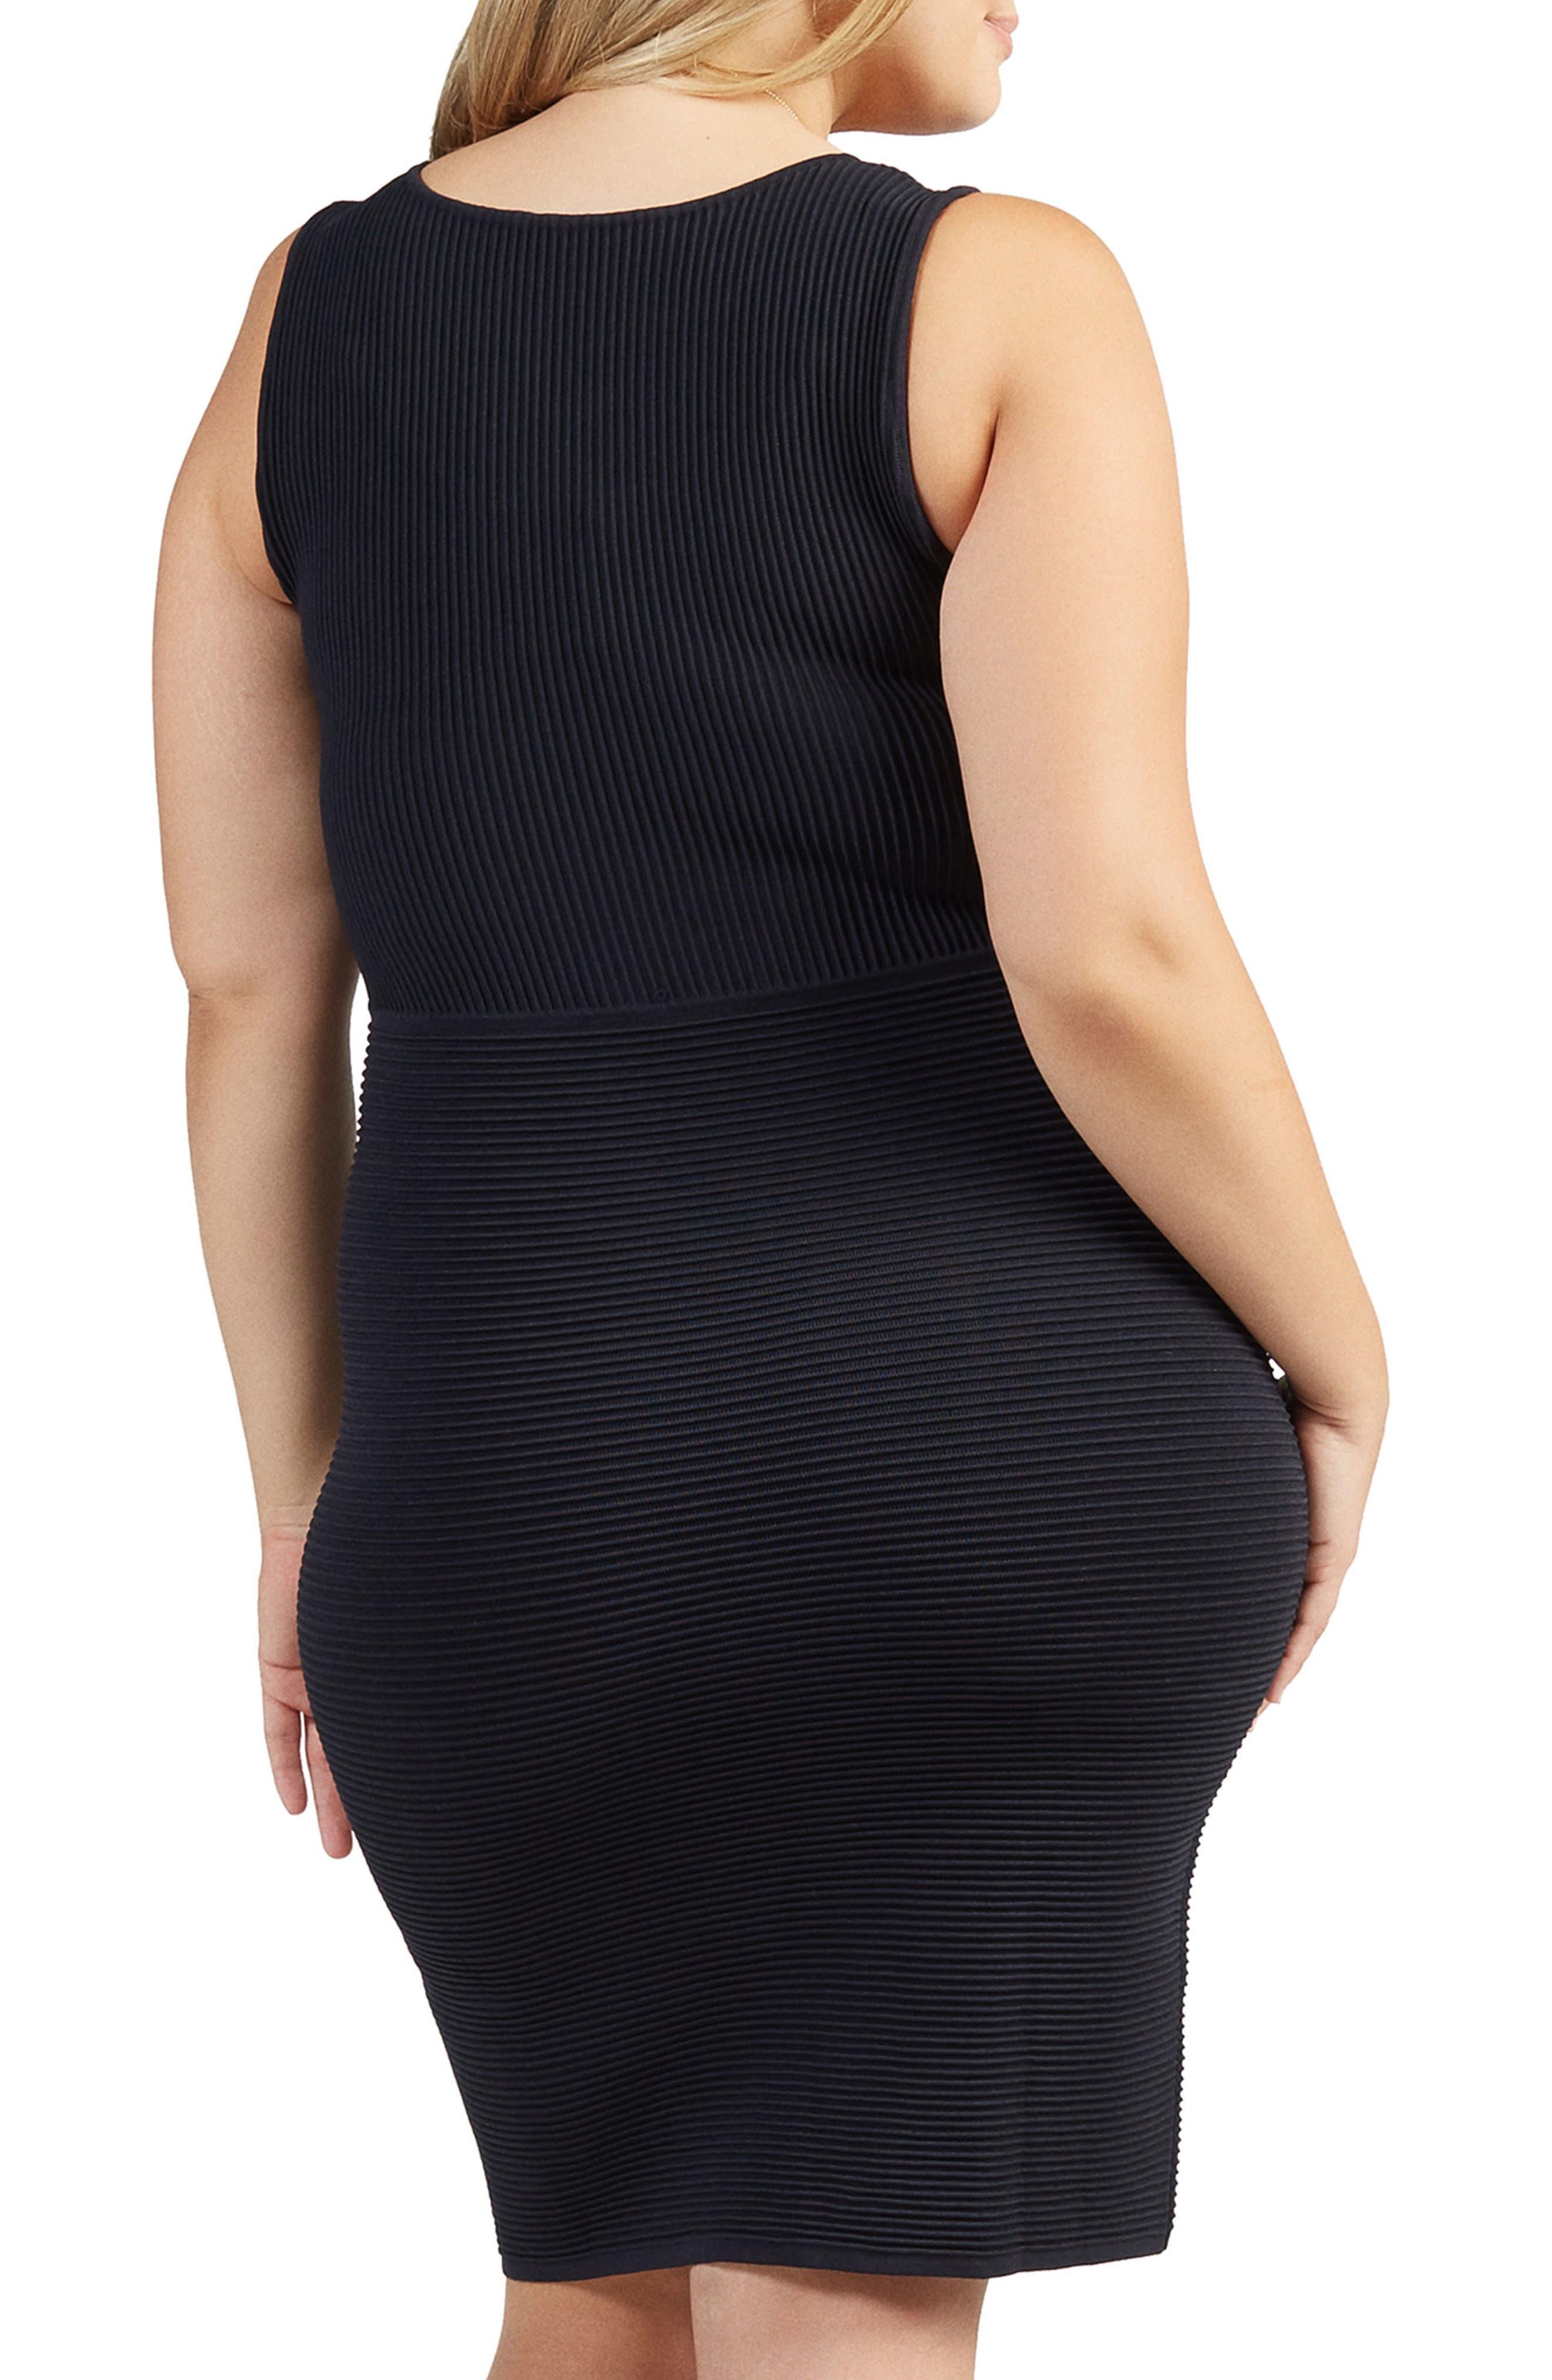 Beri Rib Knit Body-Con Dress,                             Alternate thumbnail 2, color,                             001